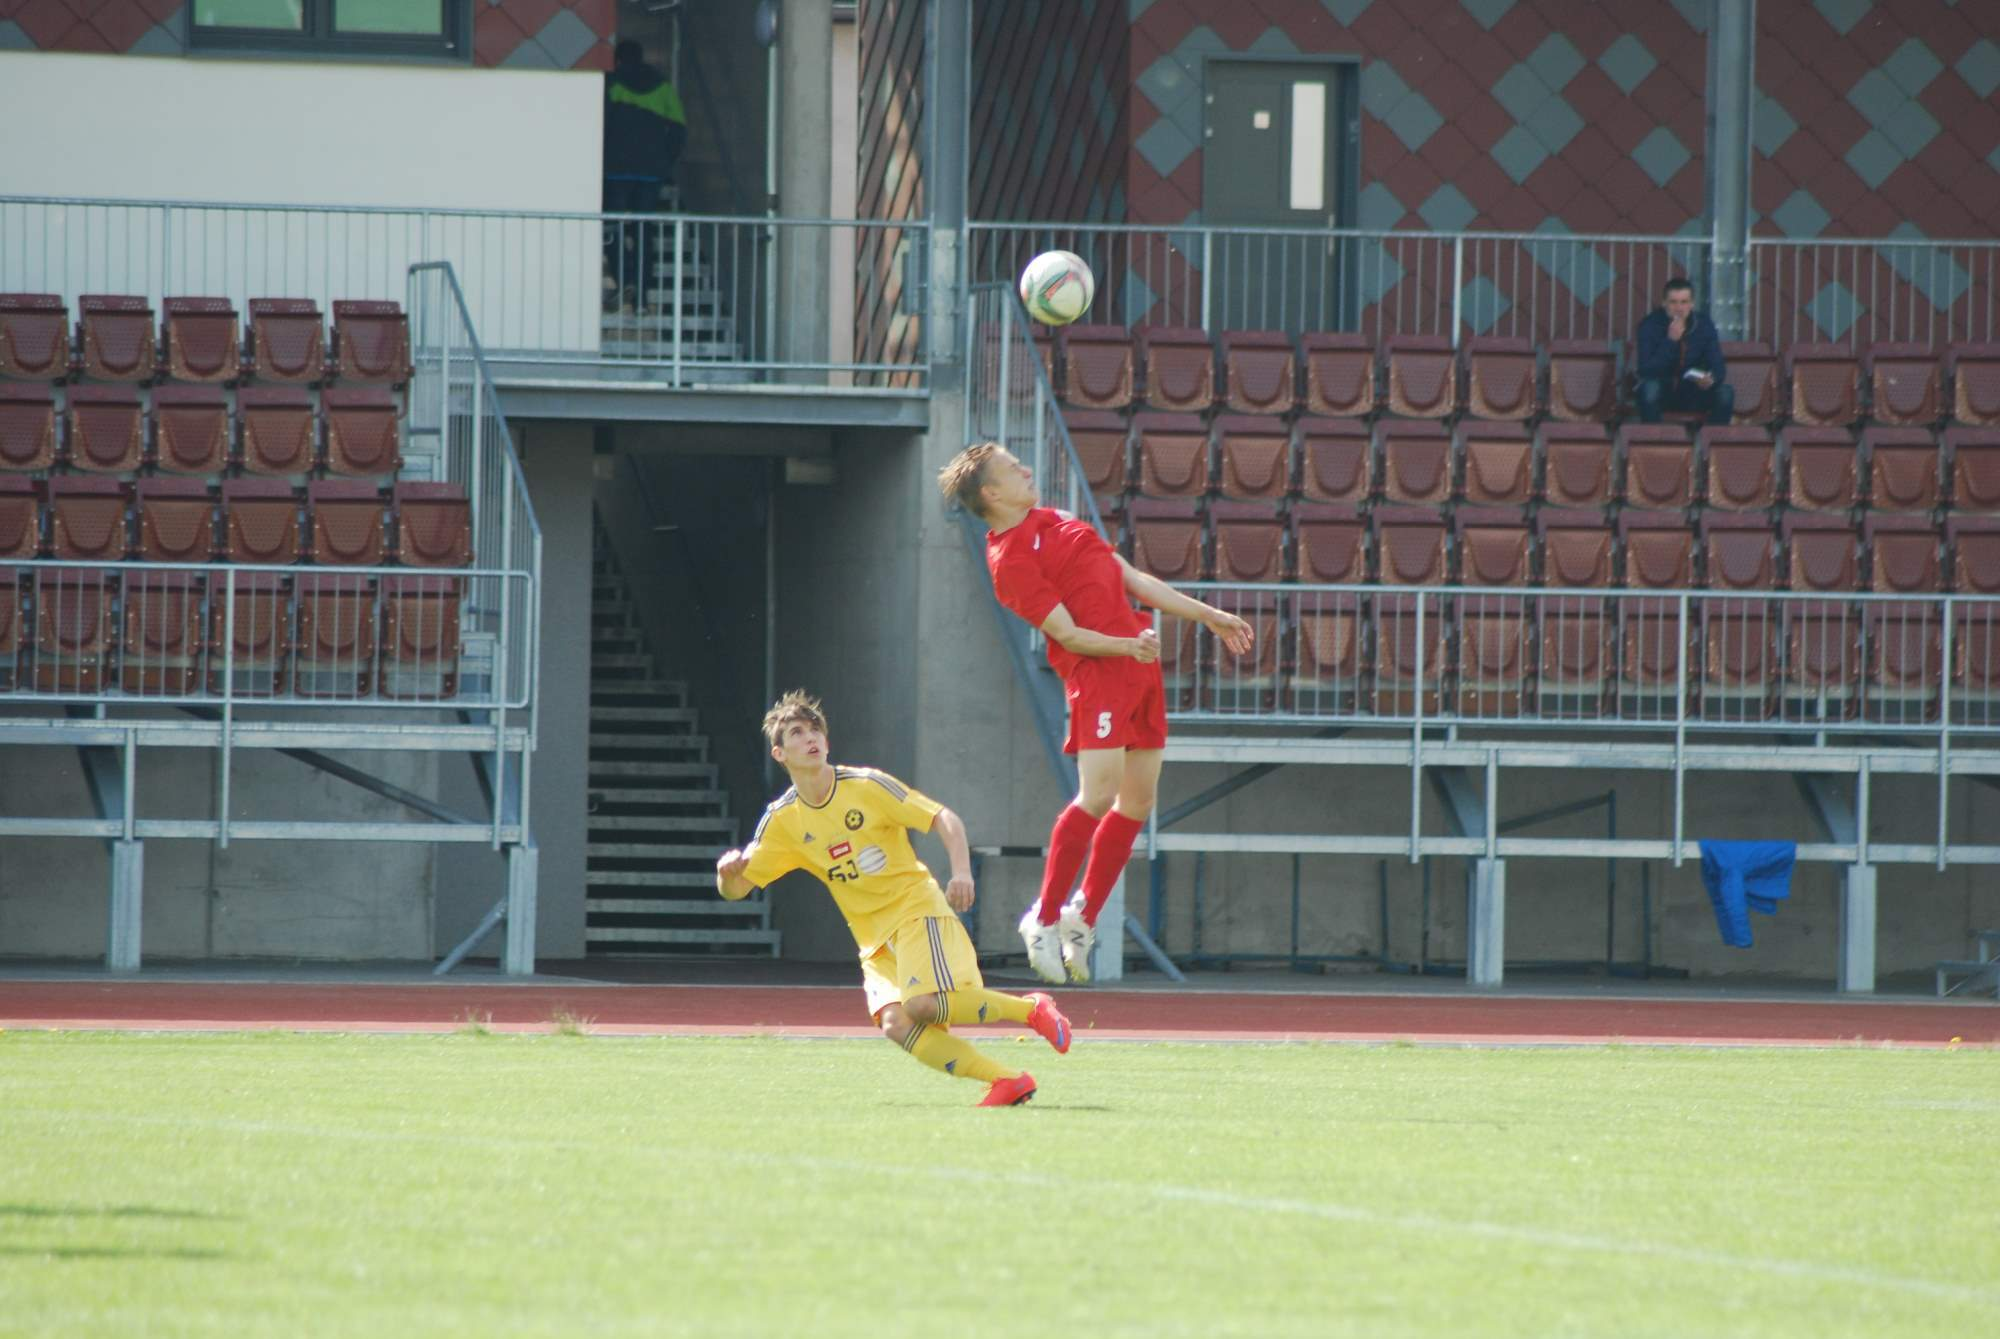 U16: Remíza s velmi silným soupeřem z Brna